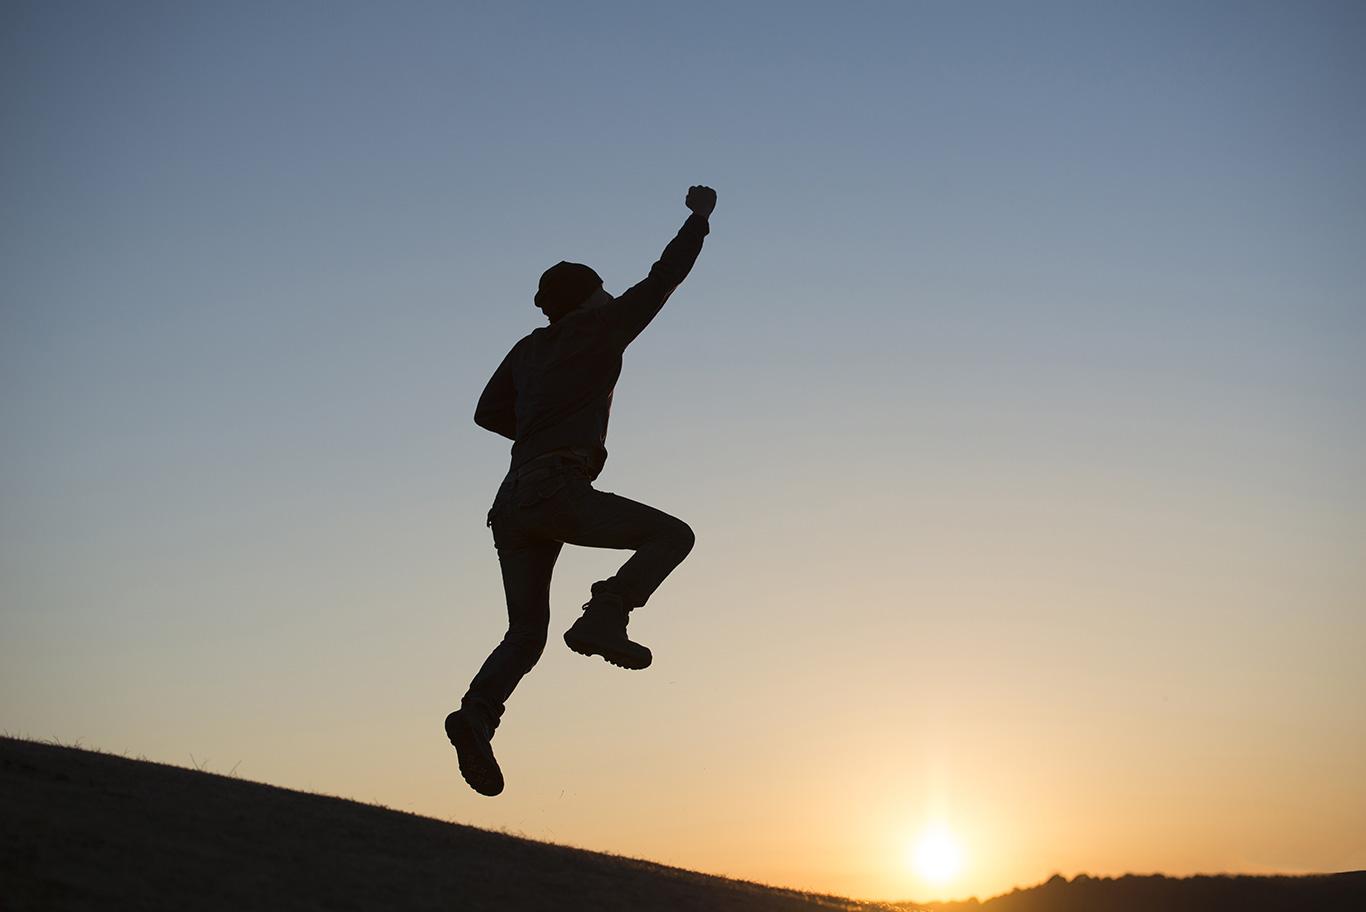 ကြိုးစားနေတဲ့သူအတွက်ကောင်းသောအရာက အမြဲရှိပါတယ်။ /頑張っている人には必ず良い事がある